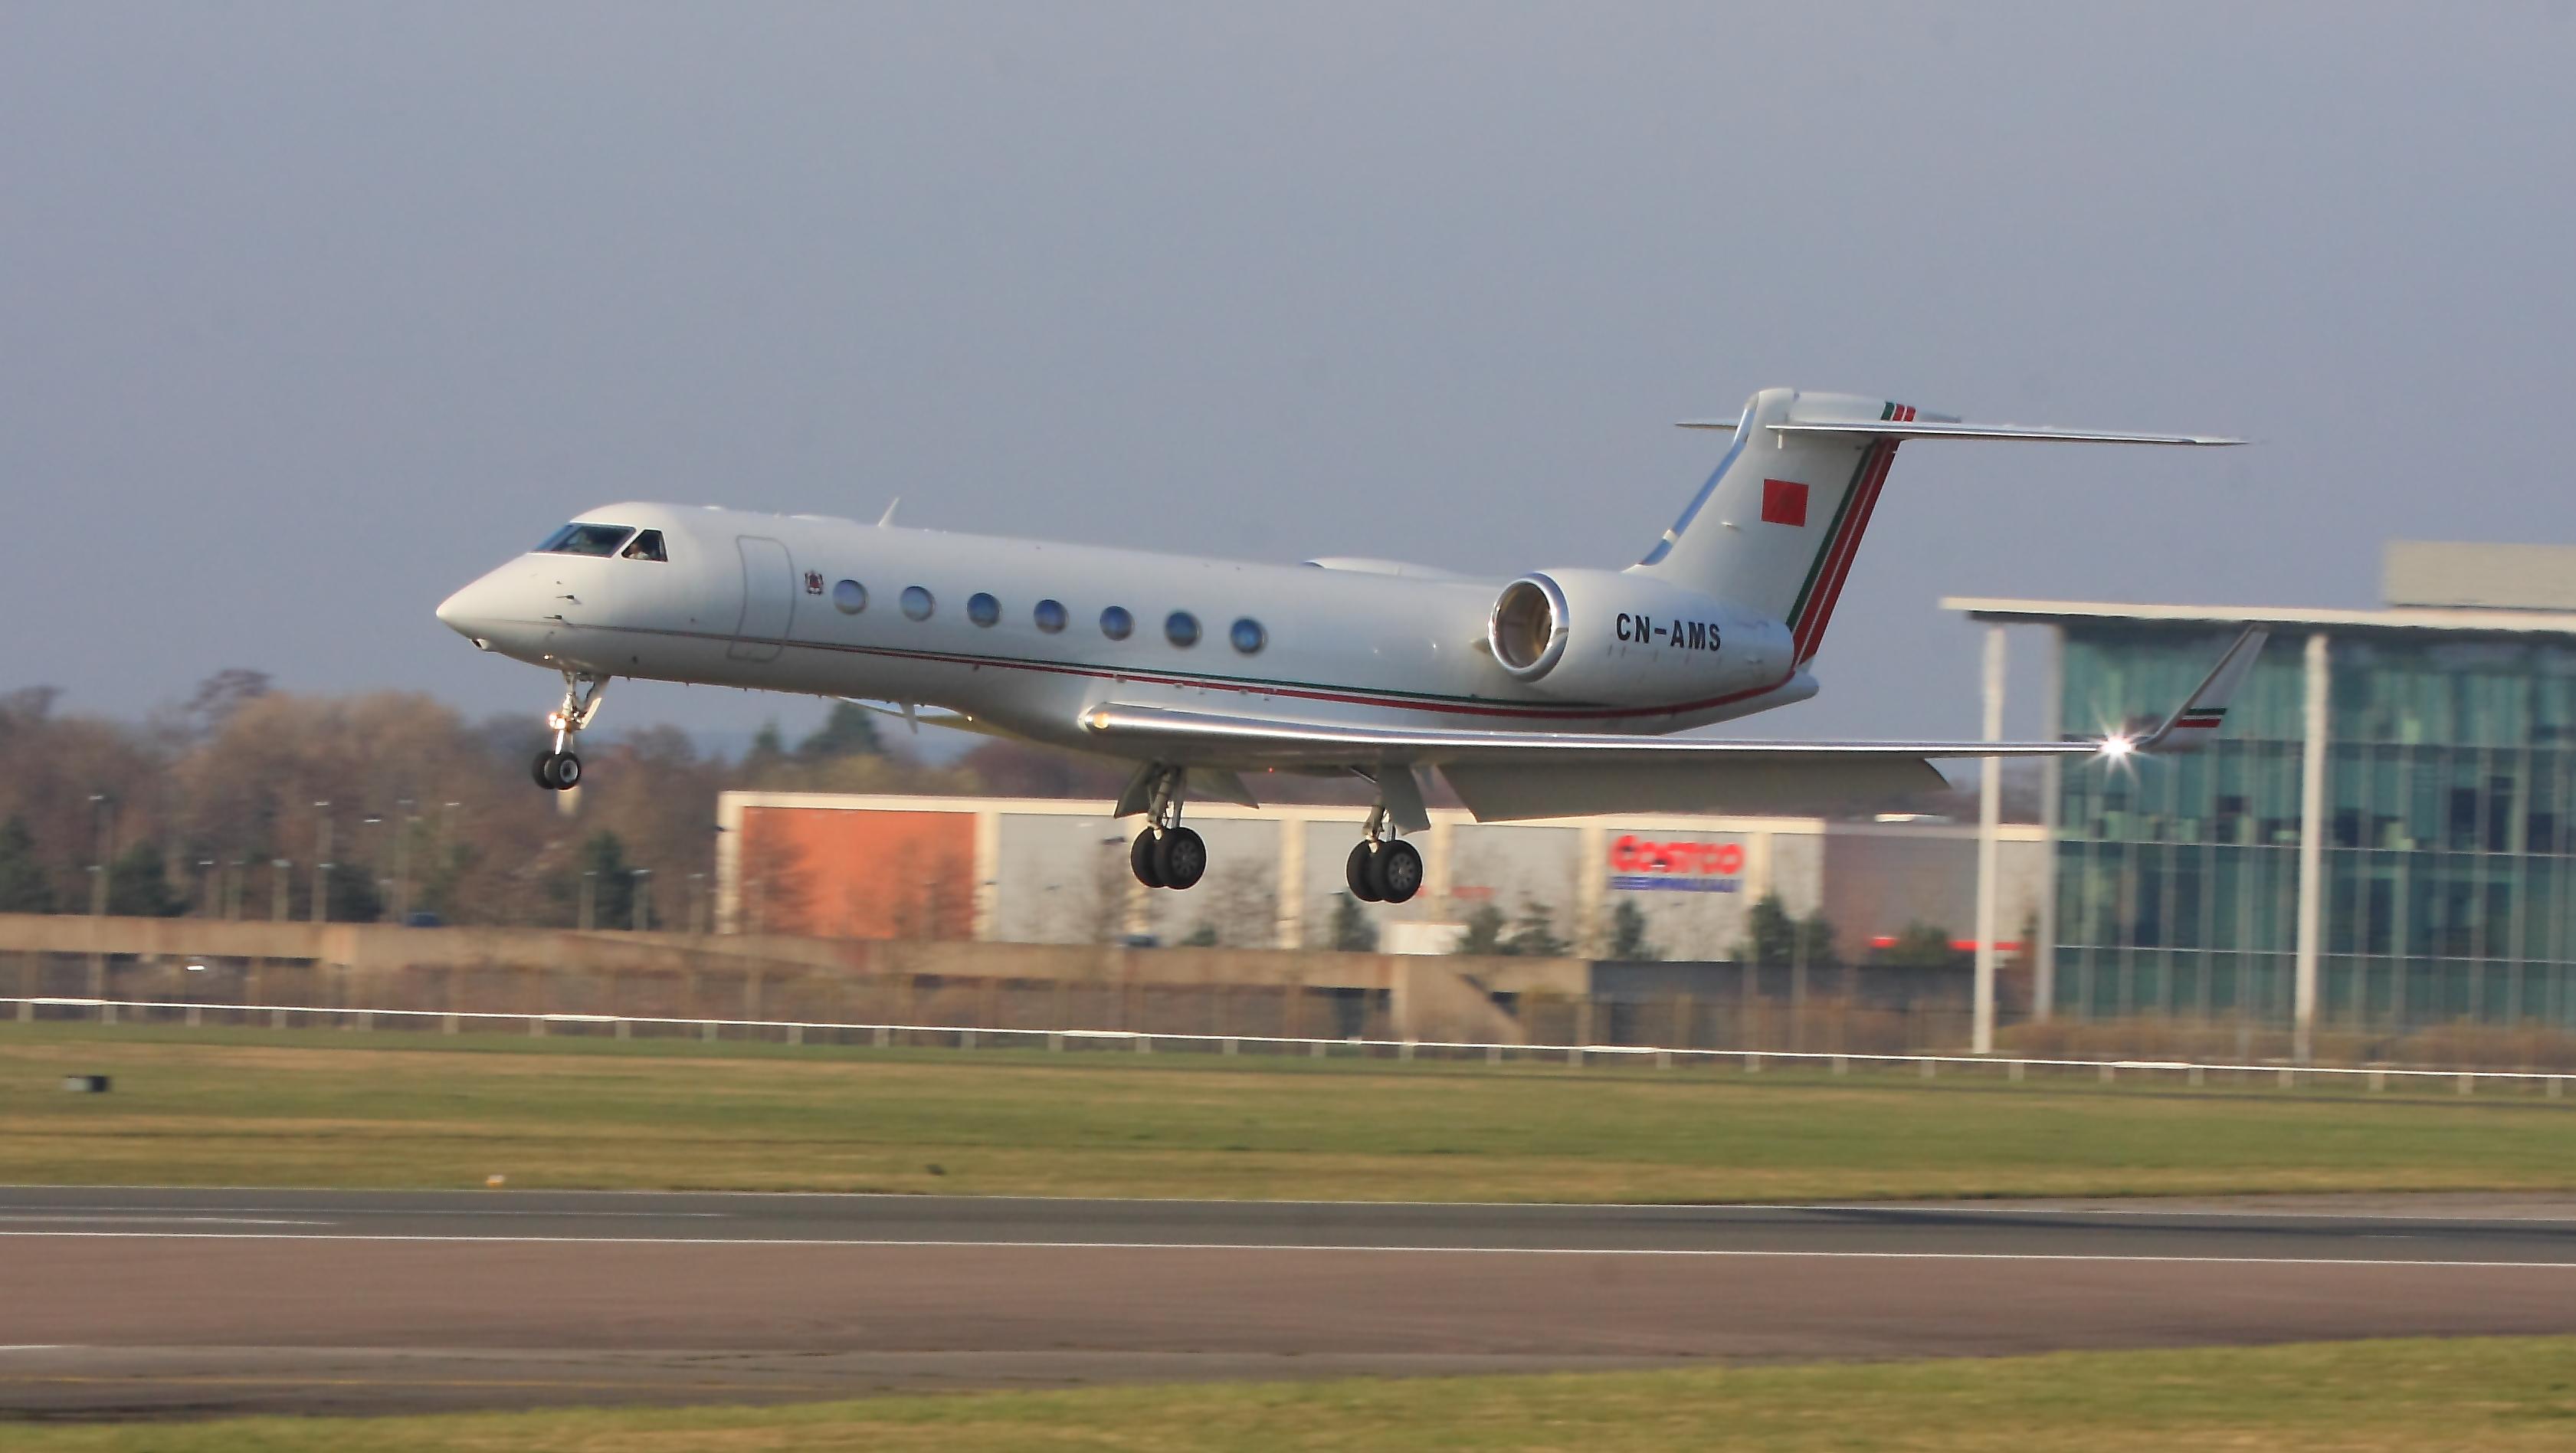 طائرات النقل العاملة بالقوات المسلحة المغربية 13017538843_3b187ea169_o